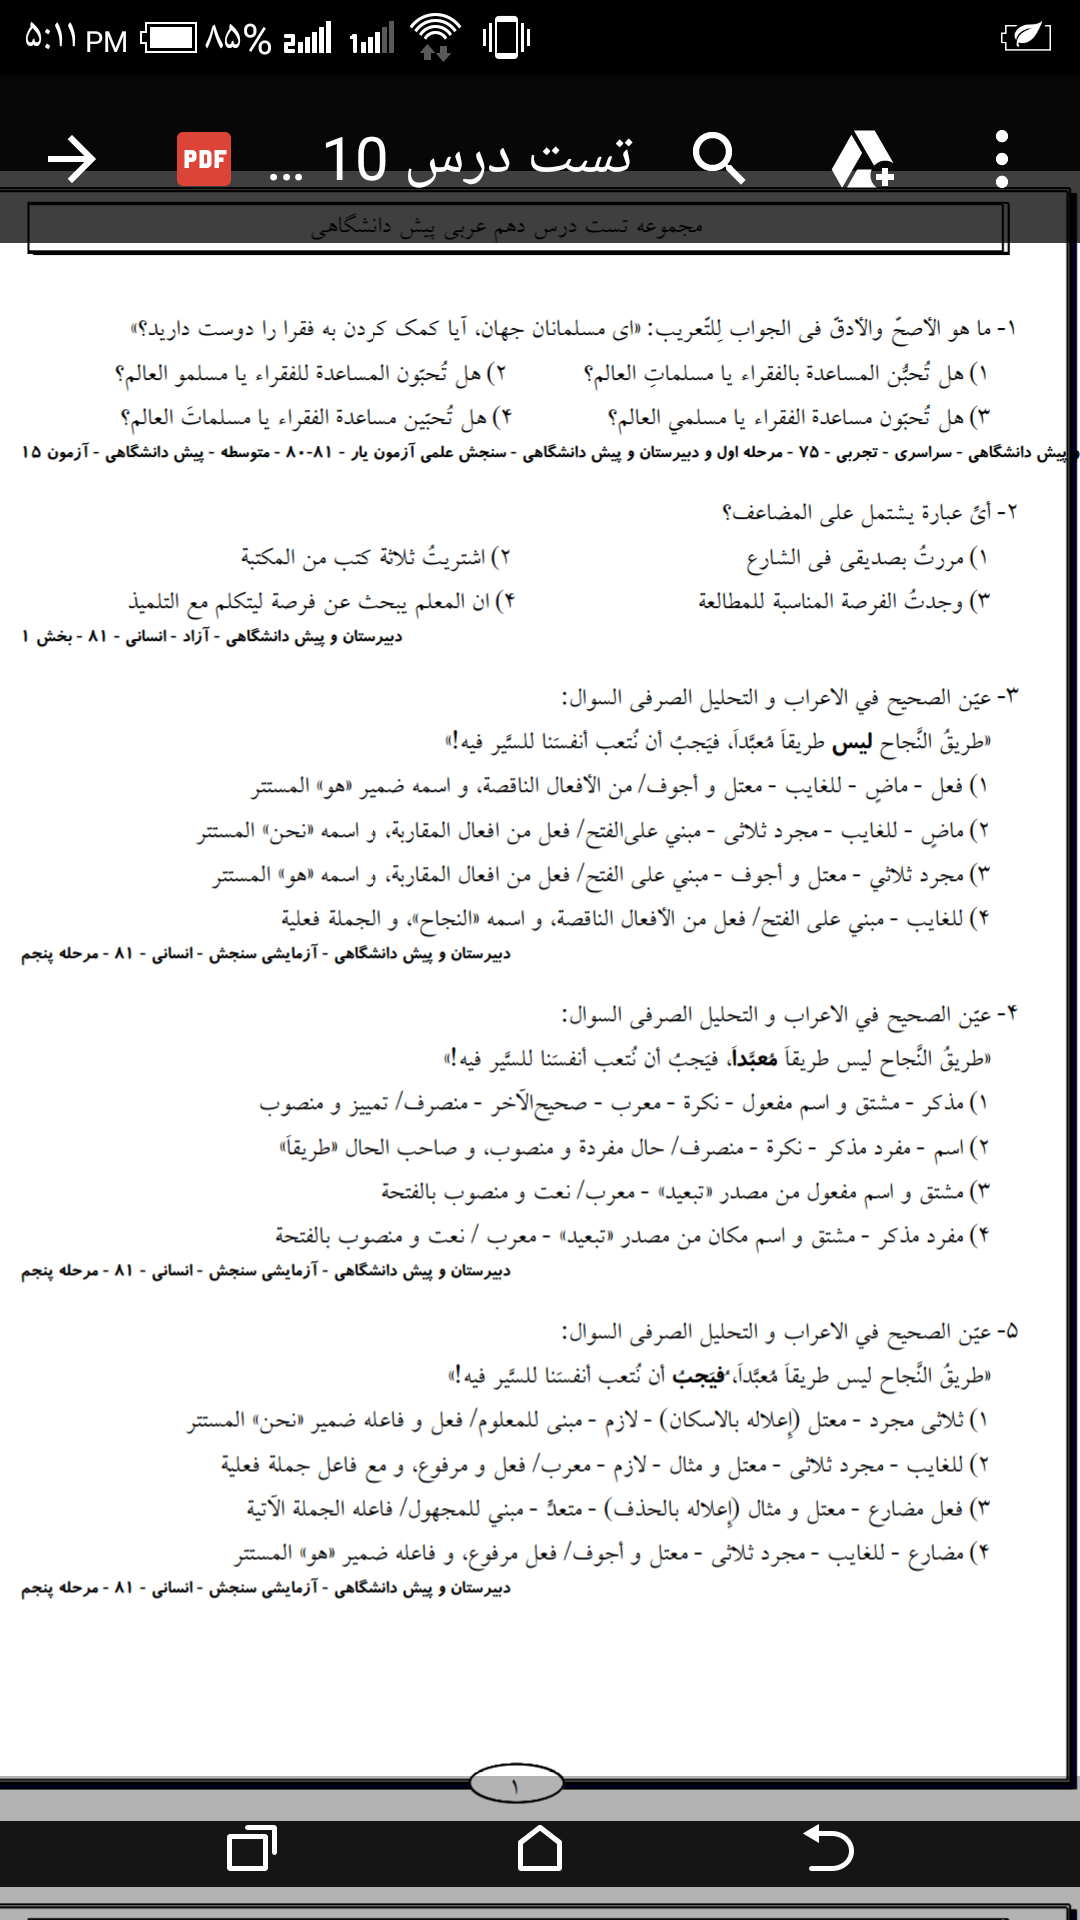 دانلود نمونه سوالات تست درس به درس عربی پیش دانشگاهی انسانی